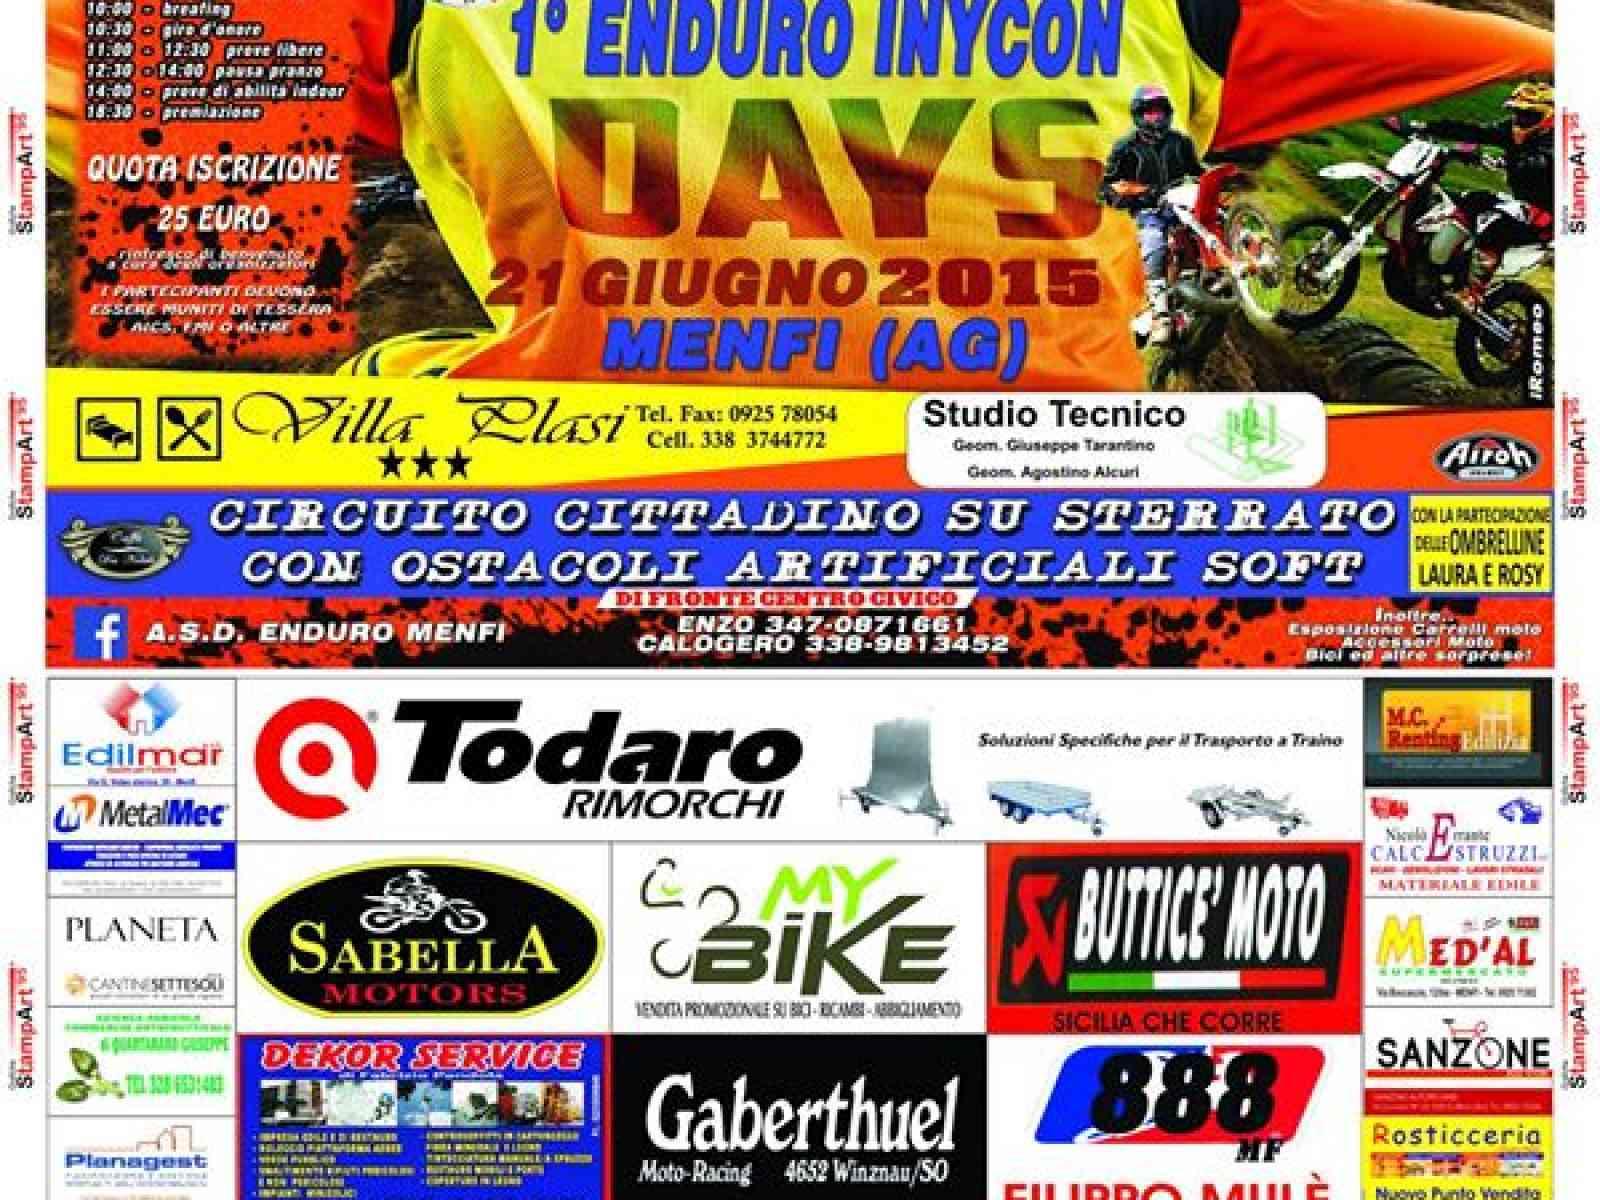 Un circuito Enduro in città! Domani il 1° Enduro day a Menfi